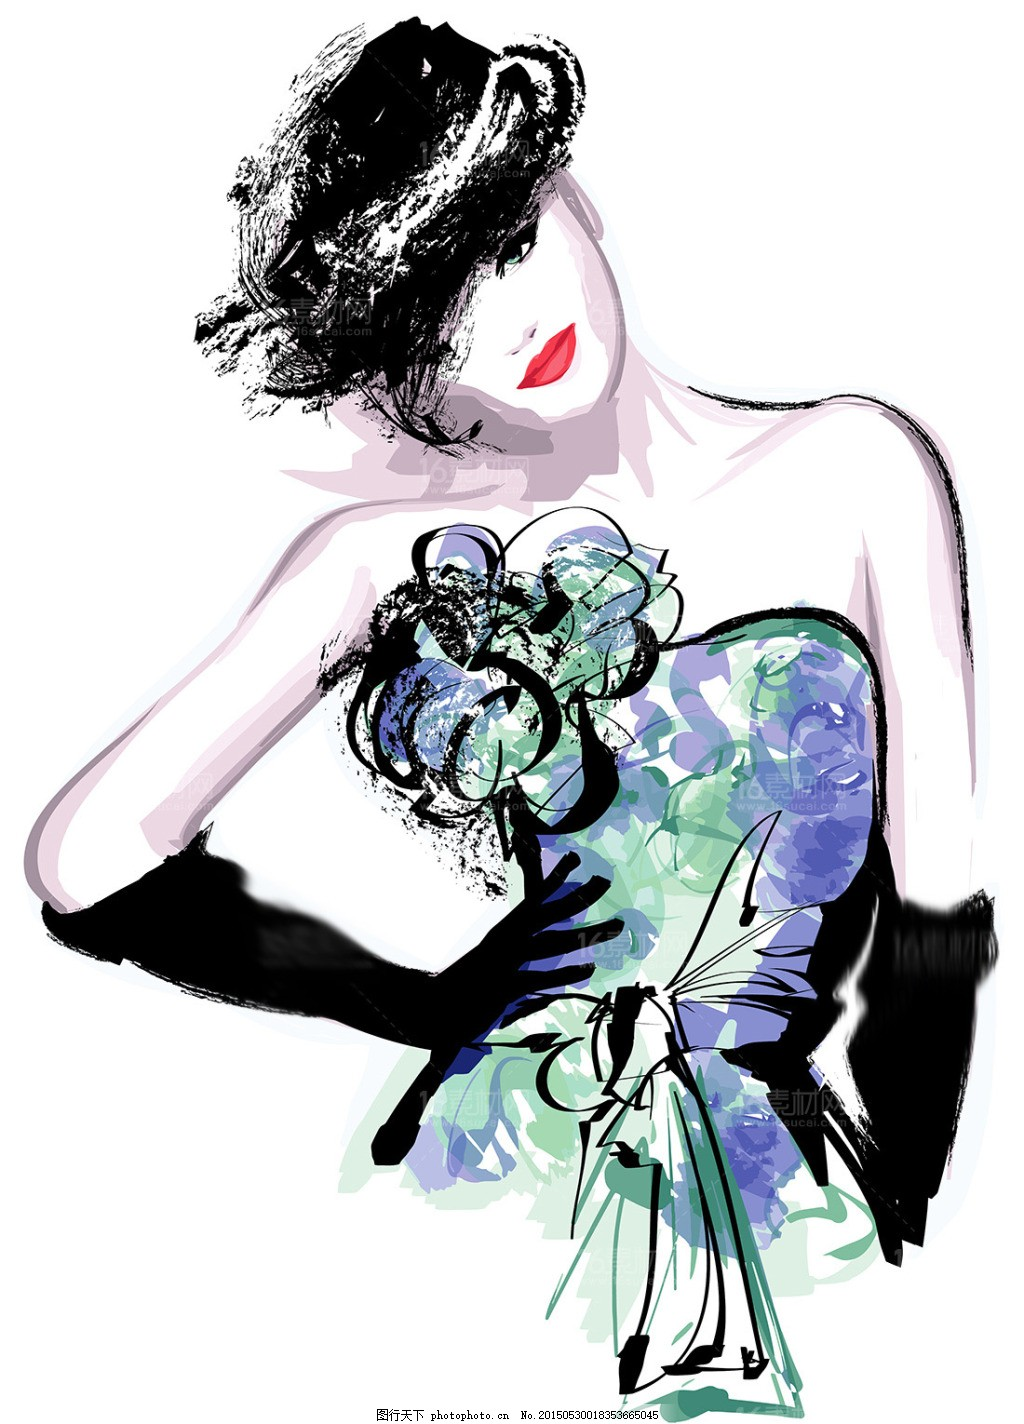 时尚手绘美女设计矢量素材 人物速写 肖像画 卡通美女 漫画矢量